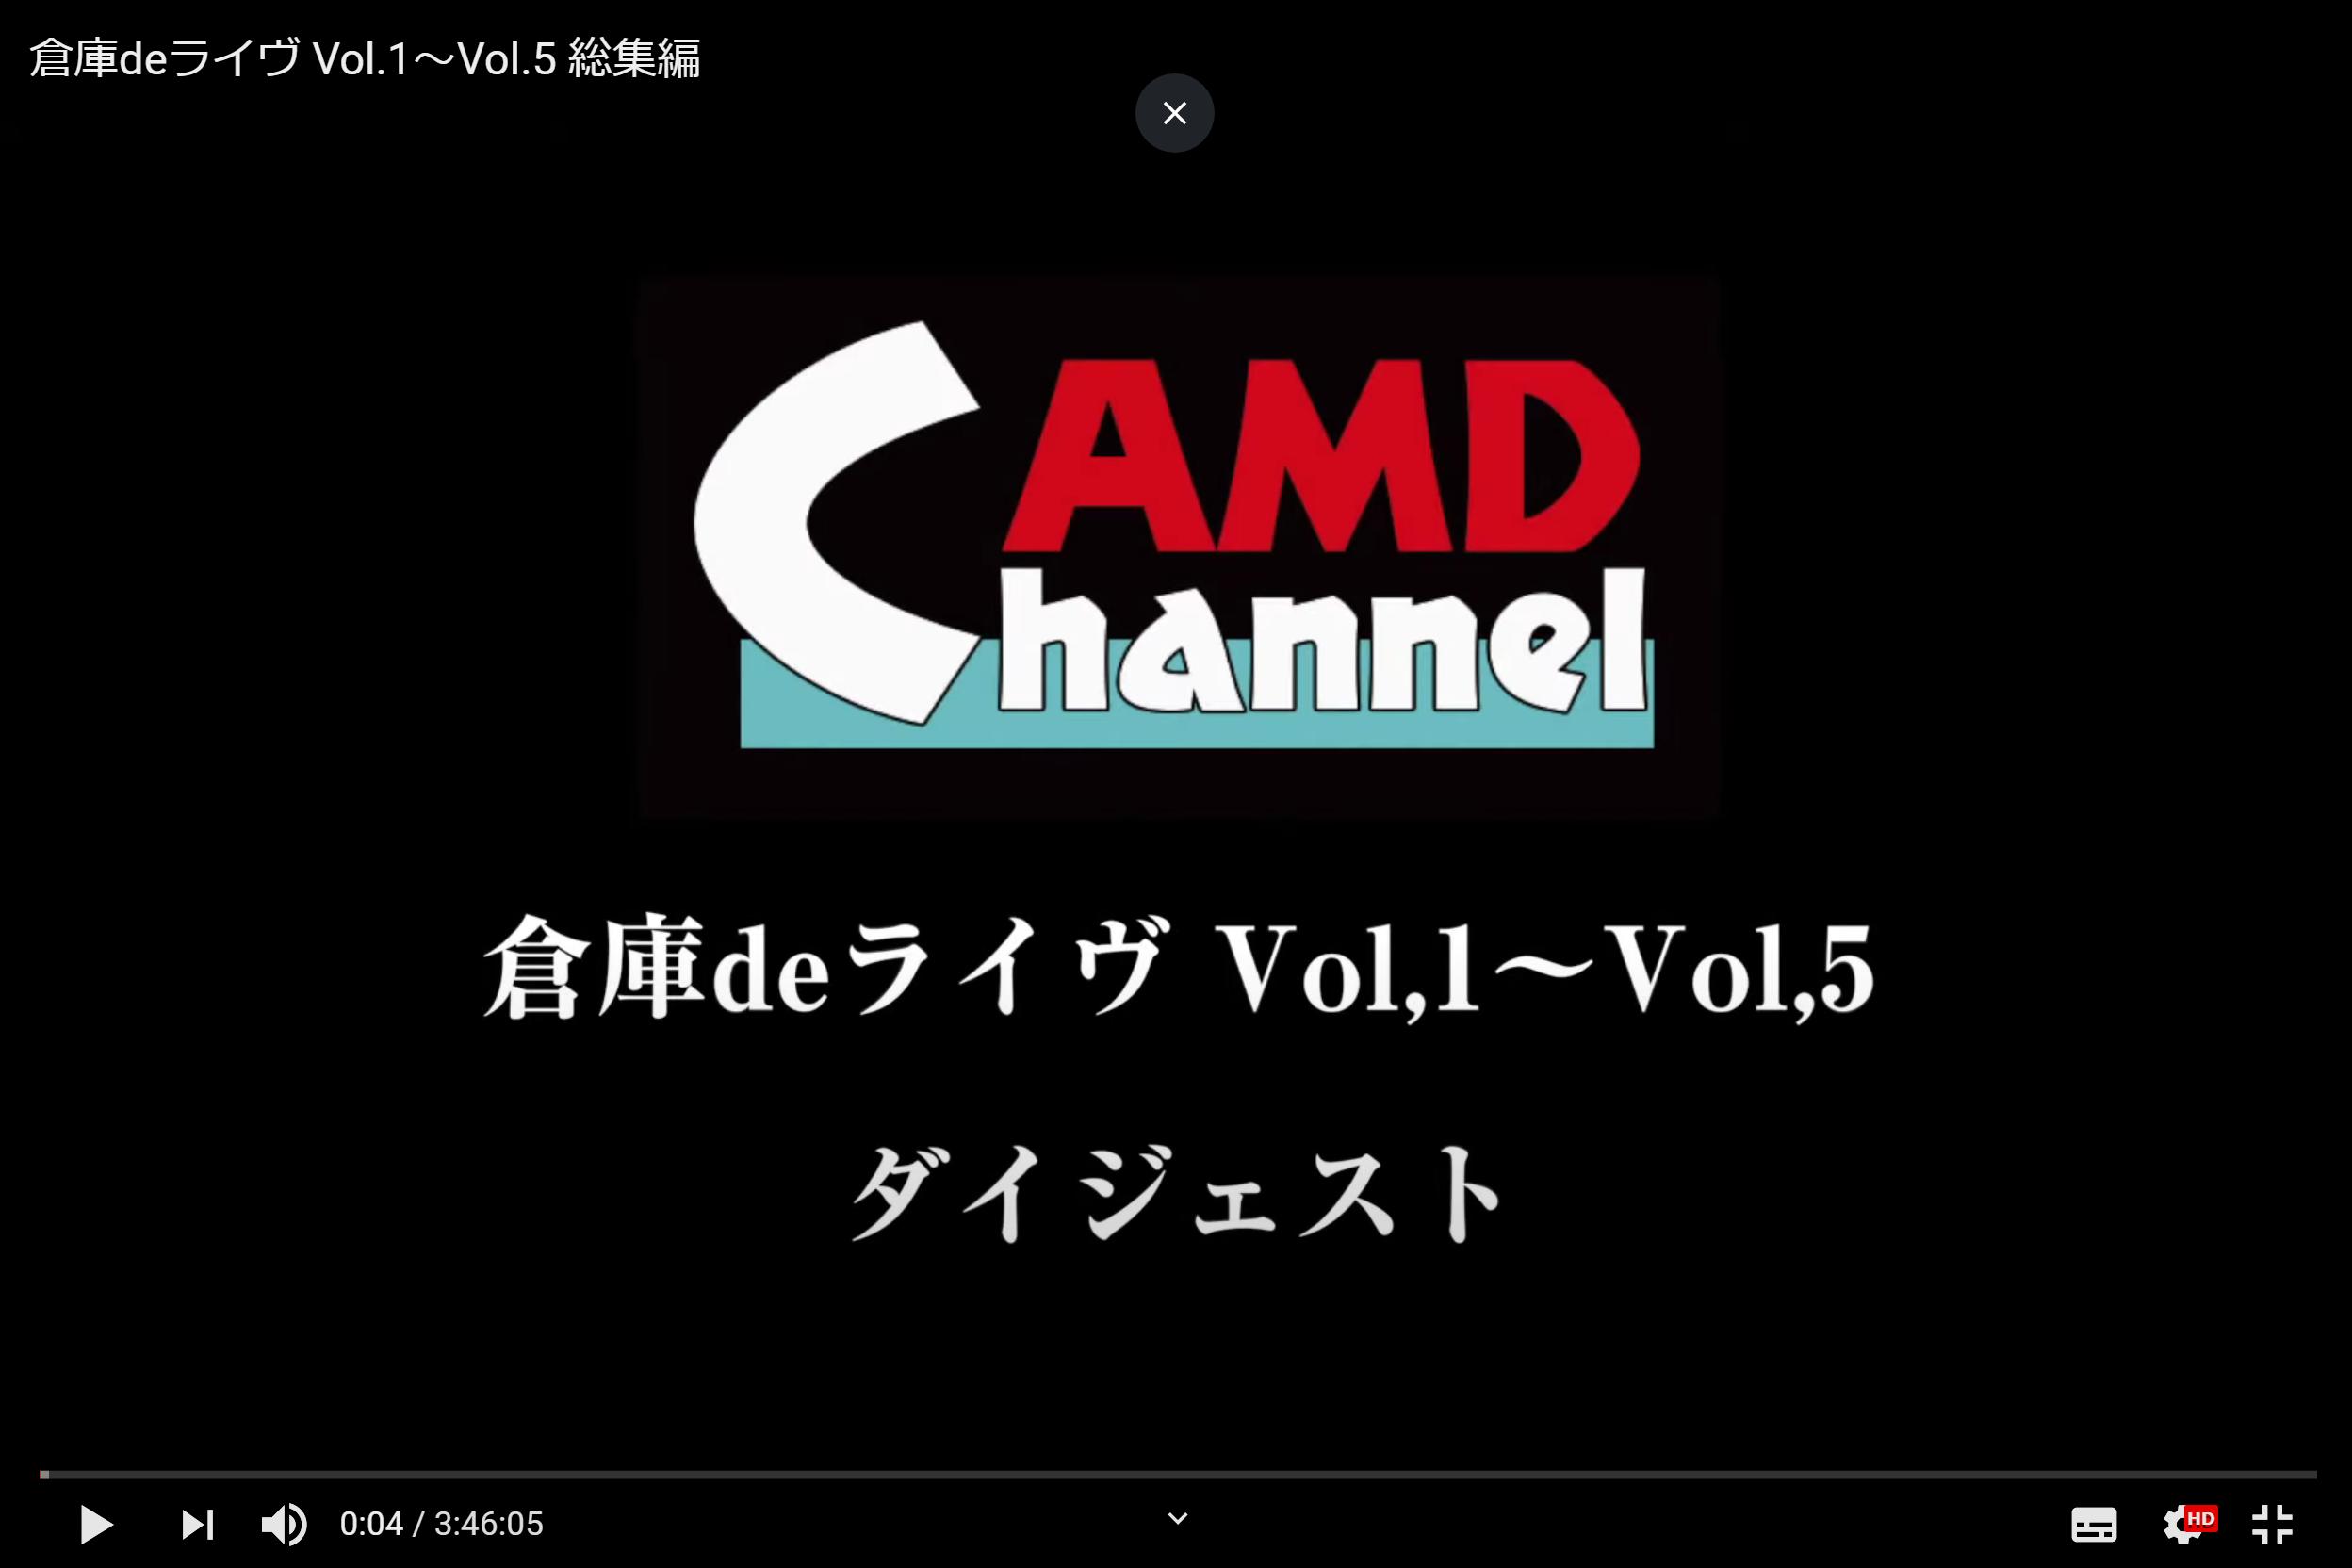 倉庫deライヴ Vol.1~Vol.5 総集編【DVD】